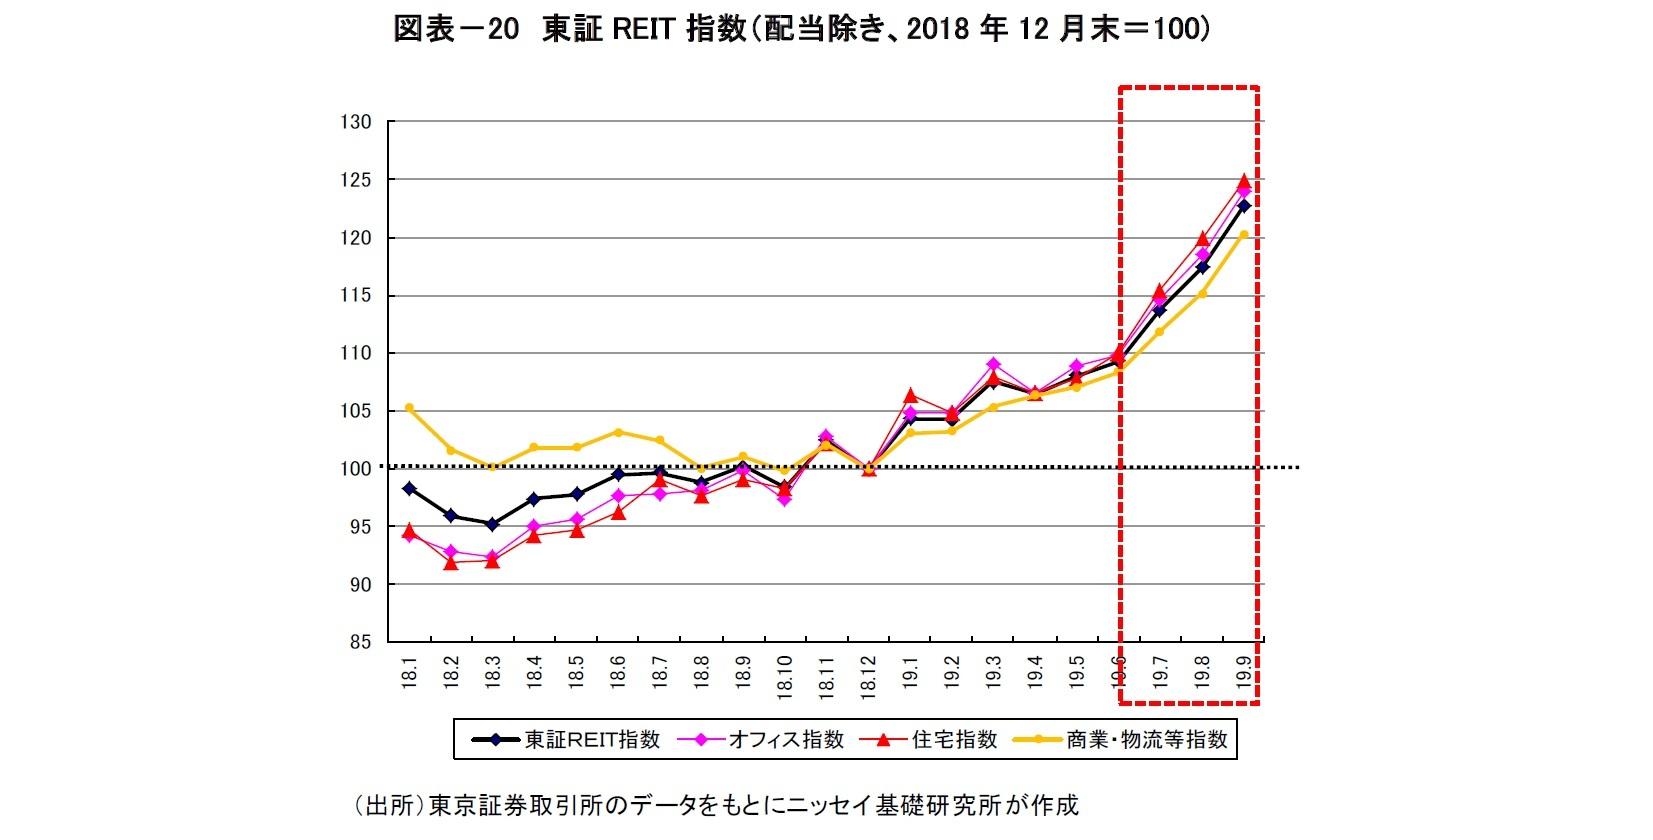 図表-20 東証REIT指数(配当除き、2018年12月末=100)